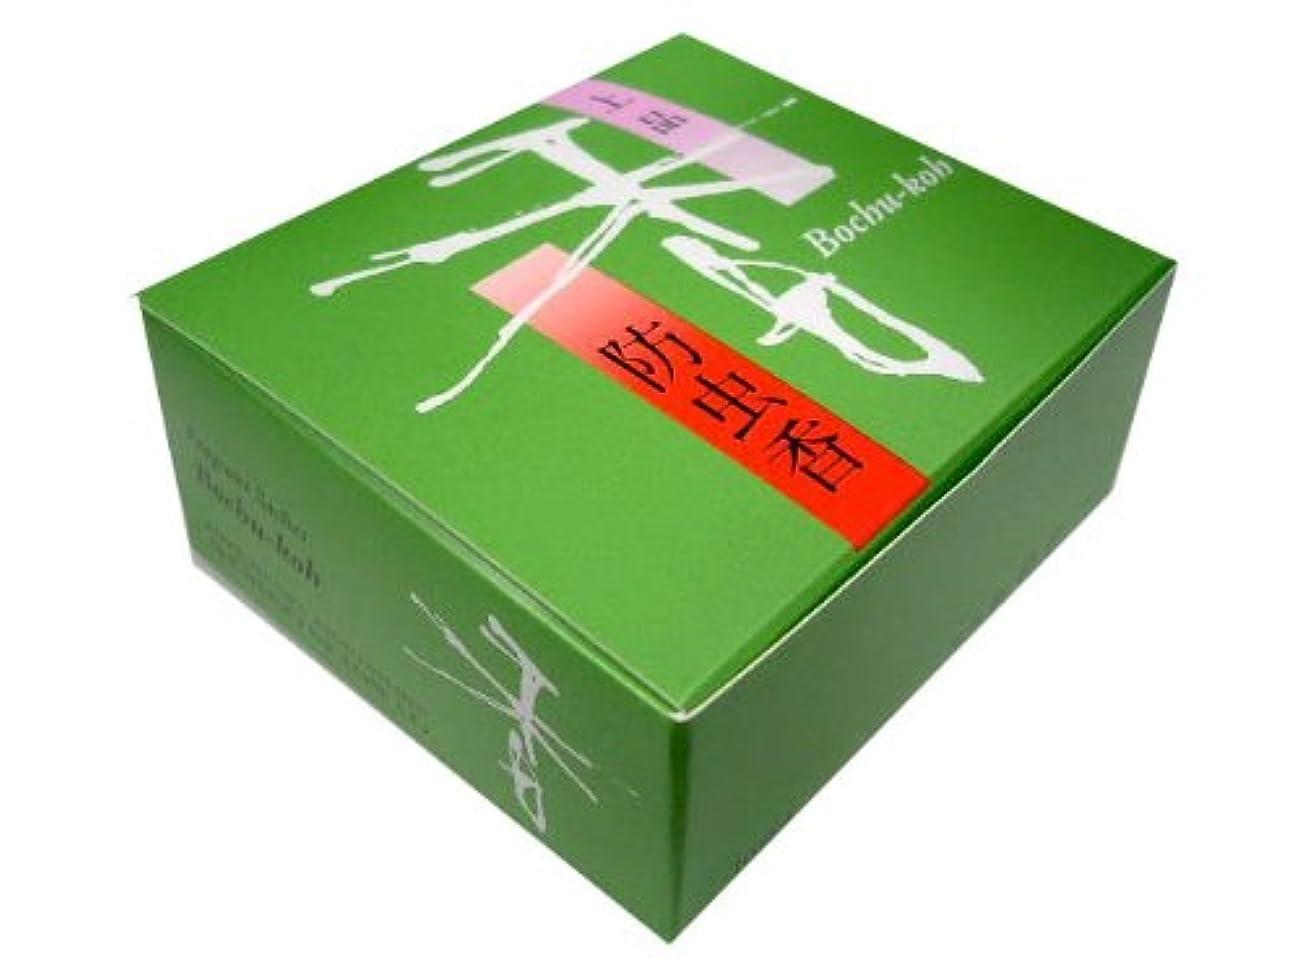 酔っ払い司教クスクス松栄堂の防虫香 上品 防虫香 10袋入 #520138